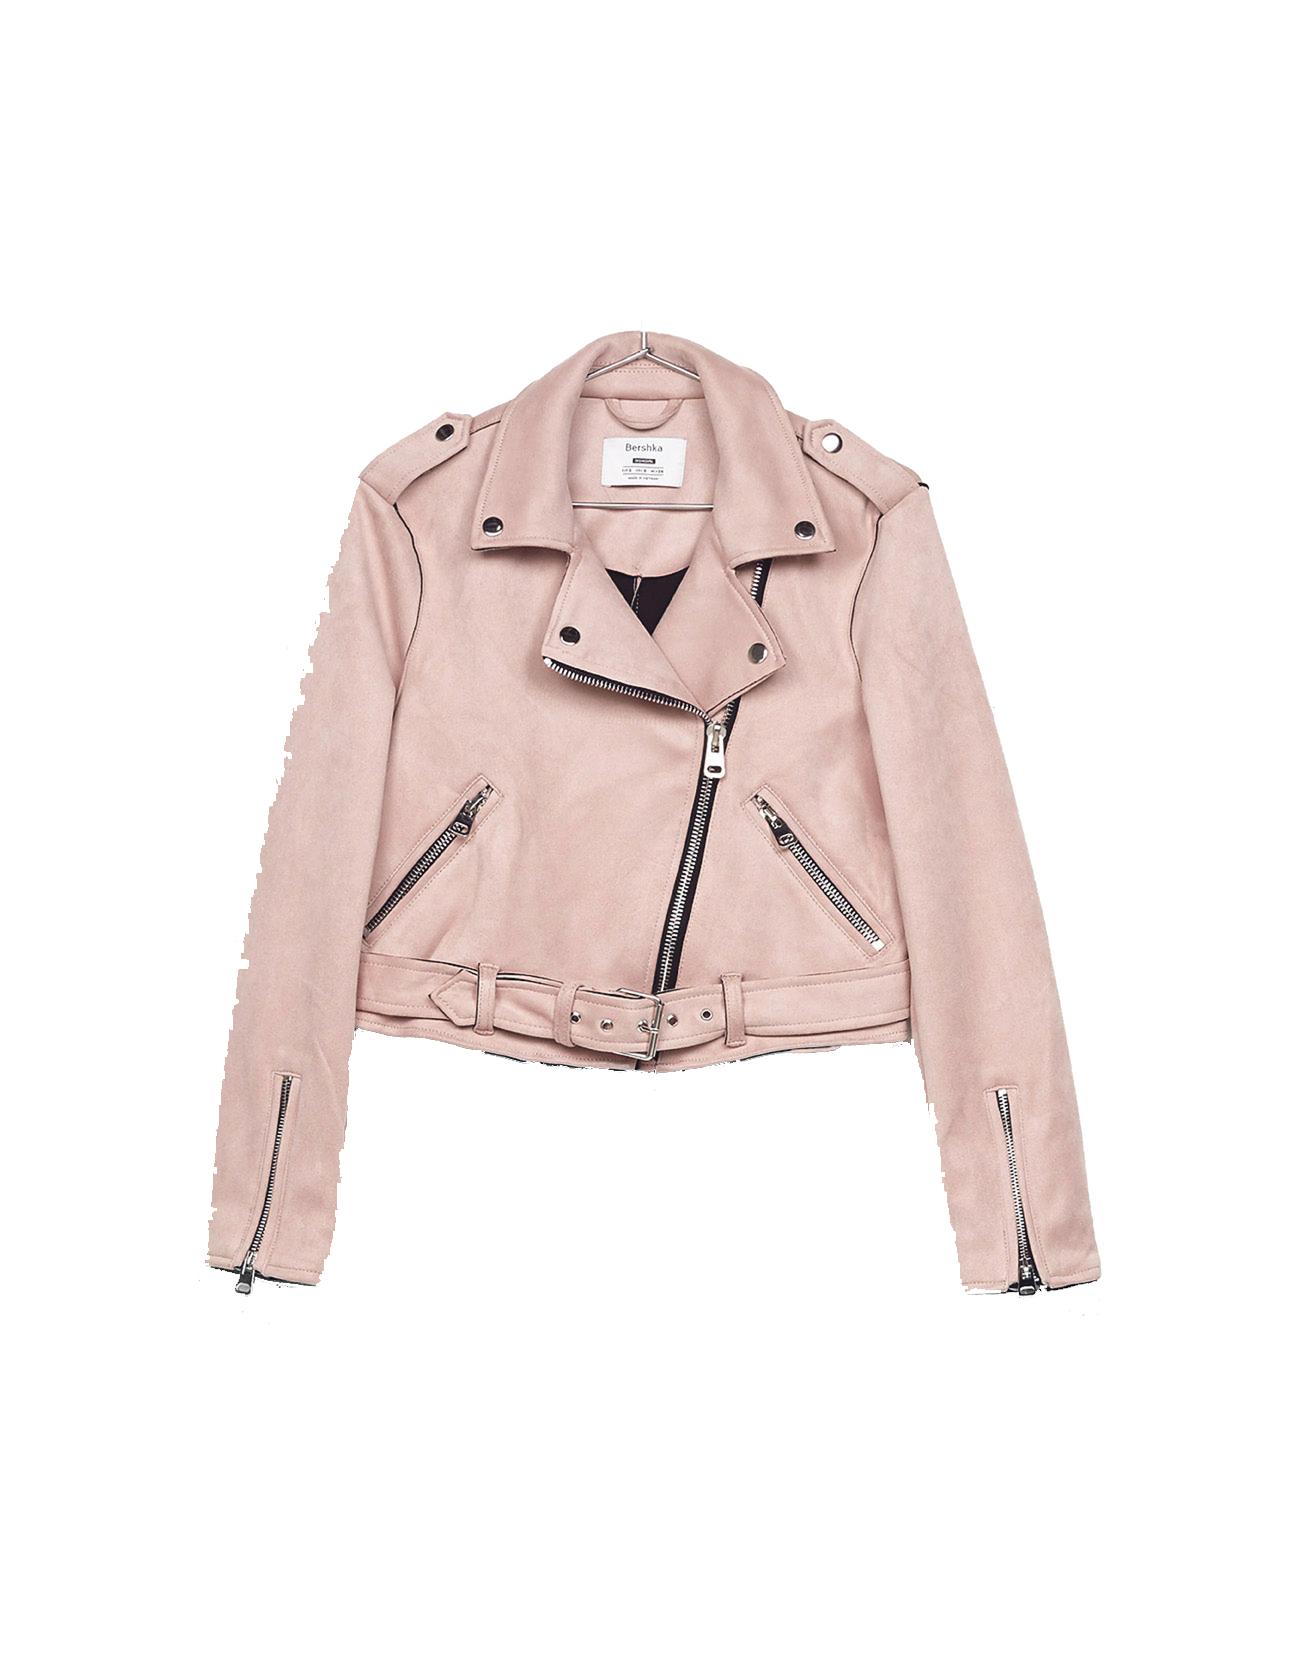 Bershka faux suede biker jacket, £49.99